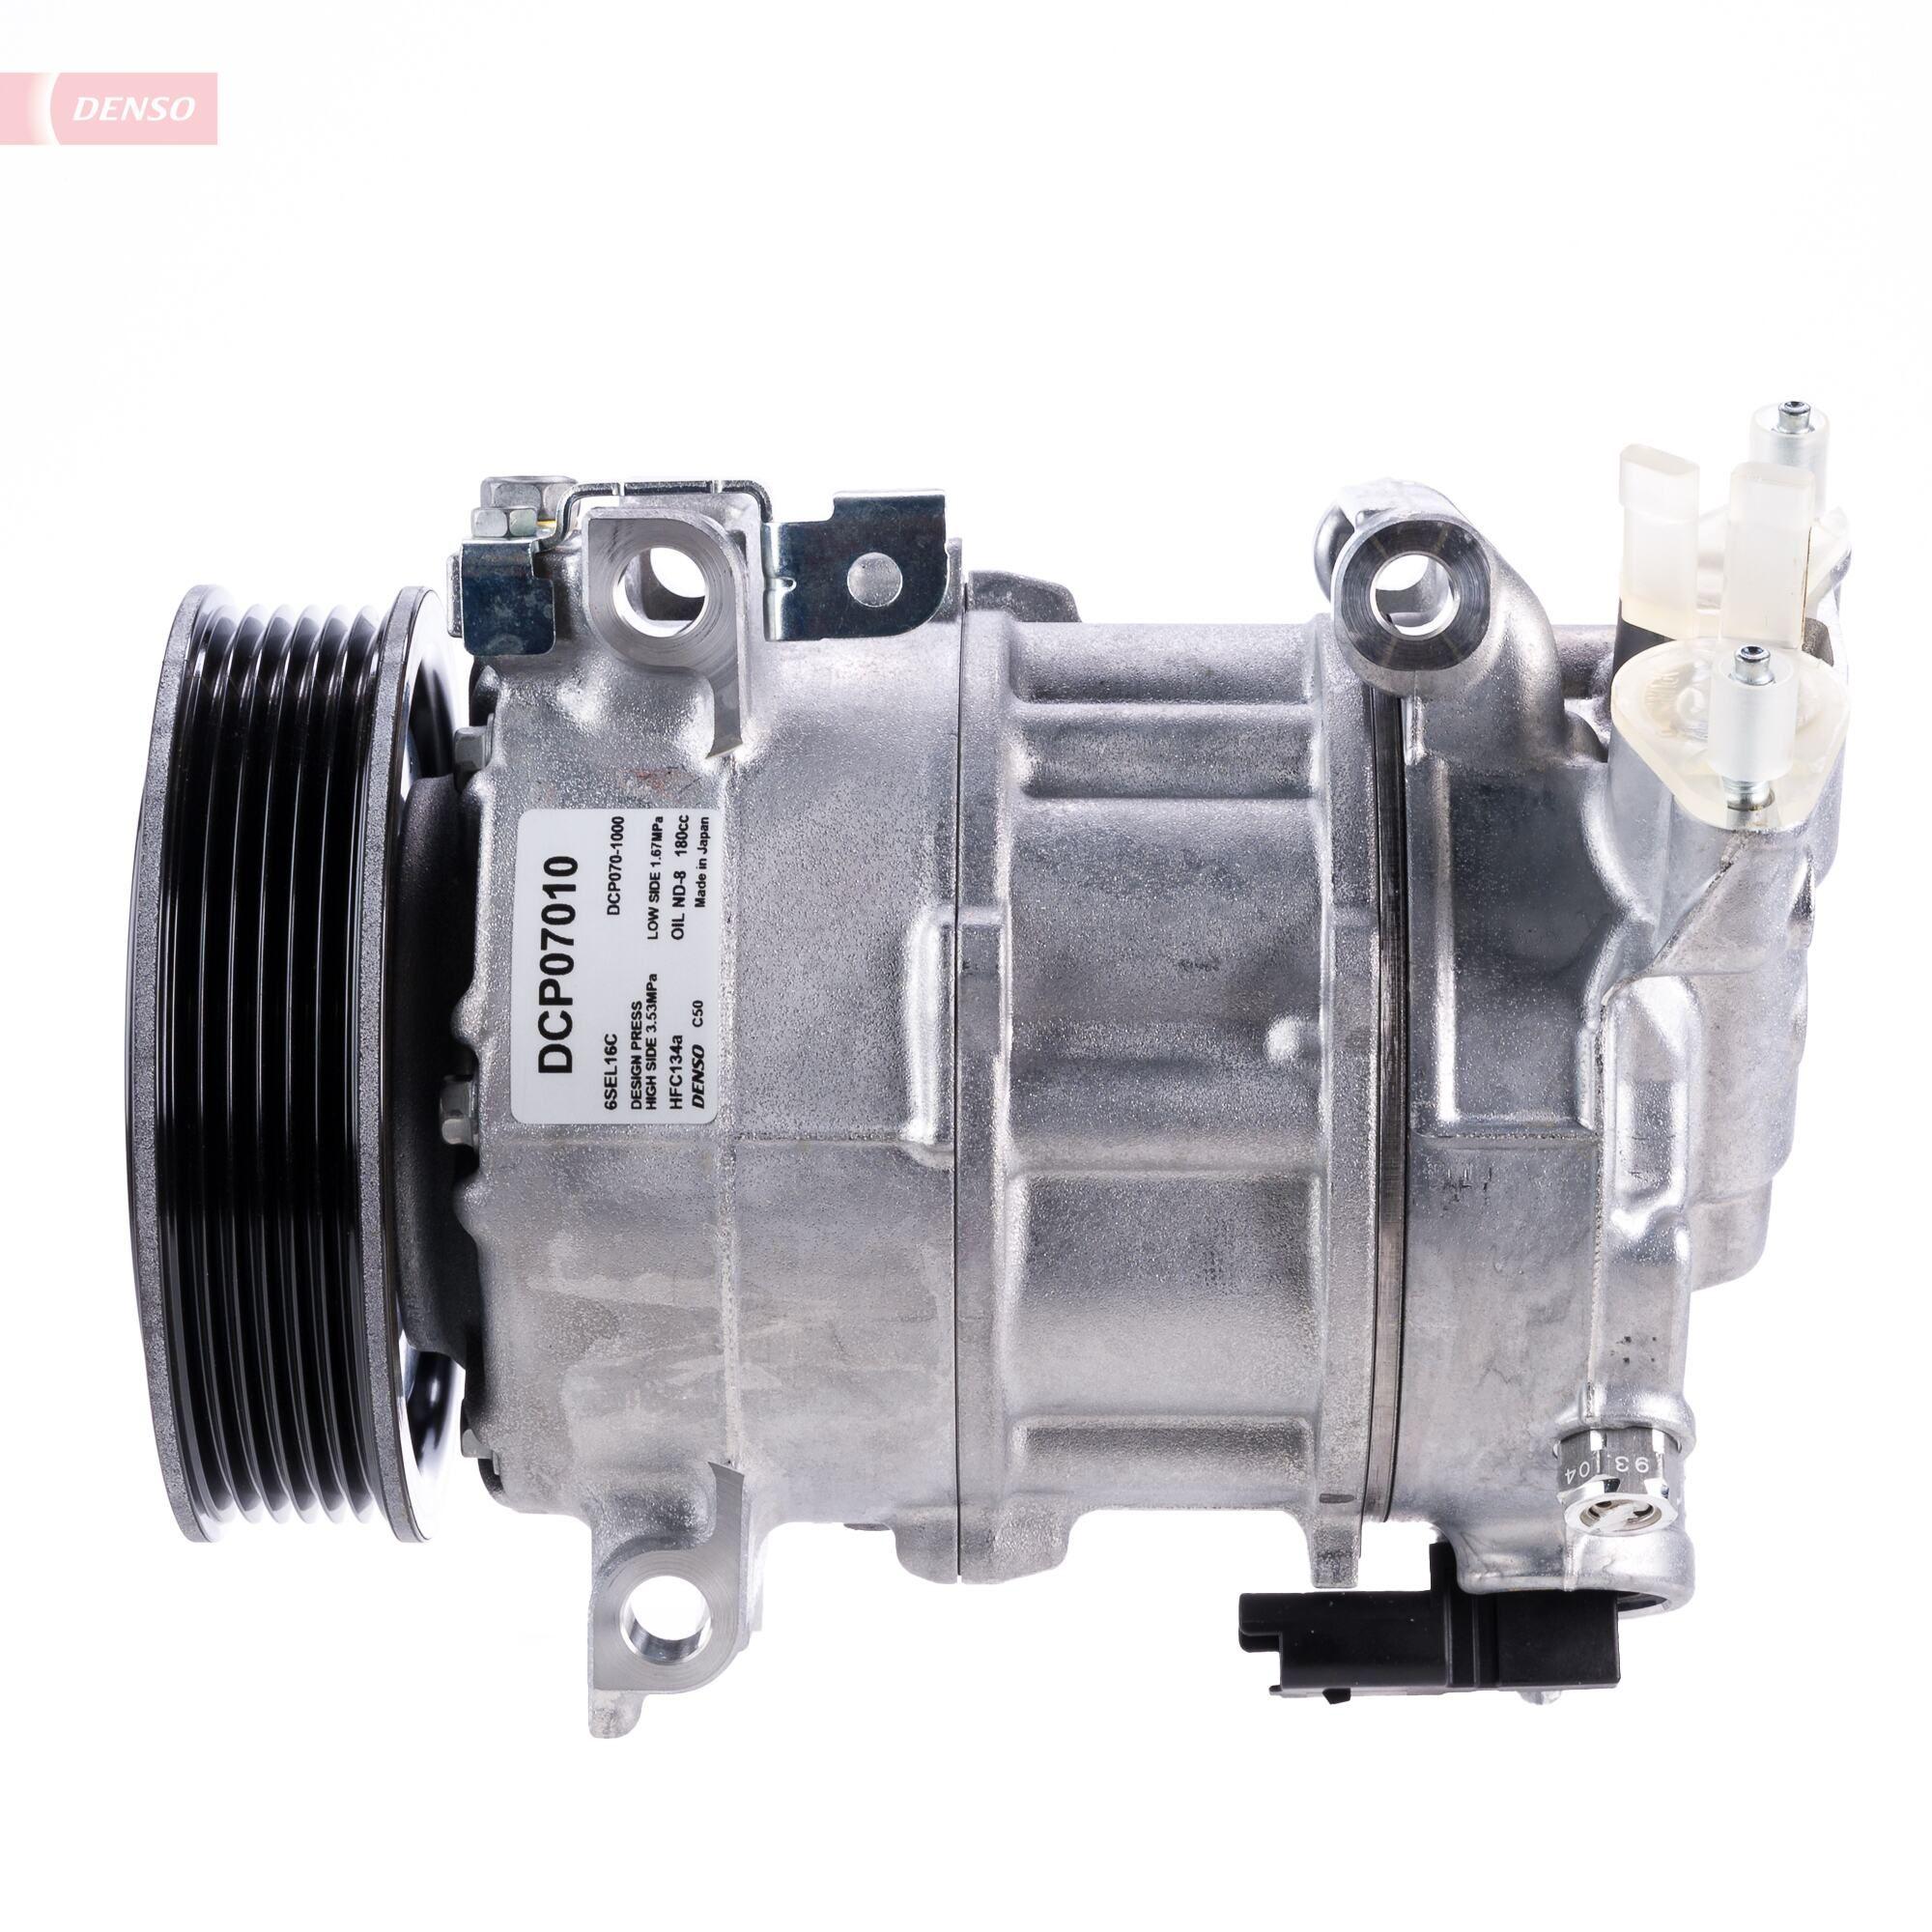 DCP17010 Kältemittelkompressor DENSO Erfahrung